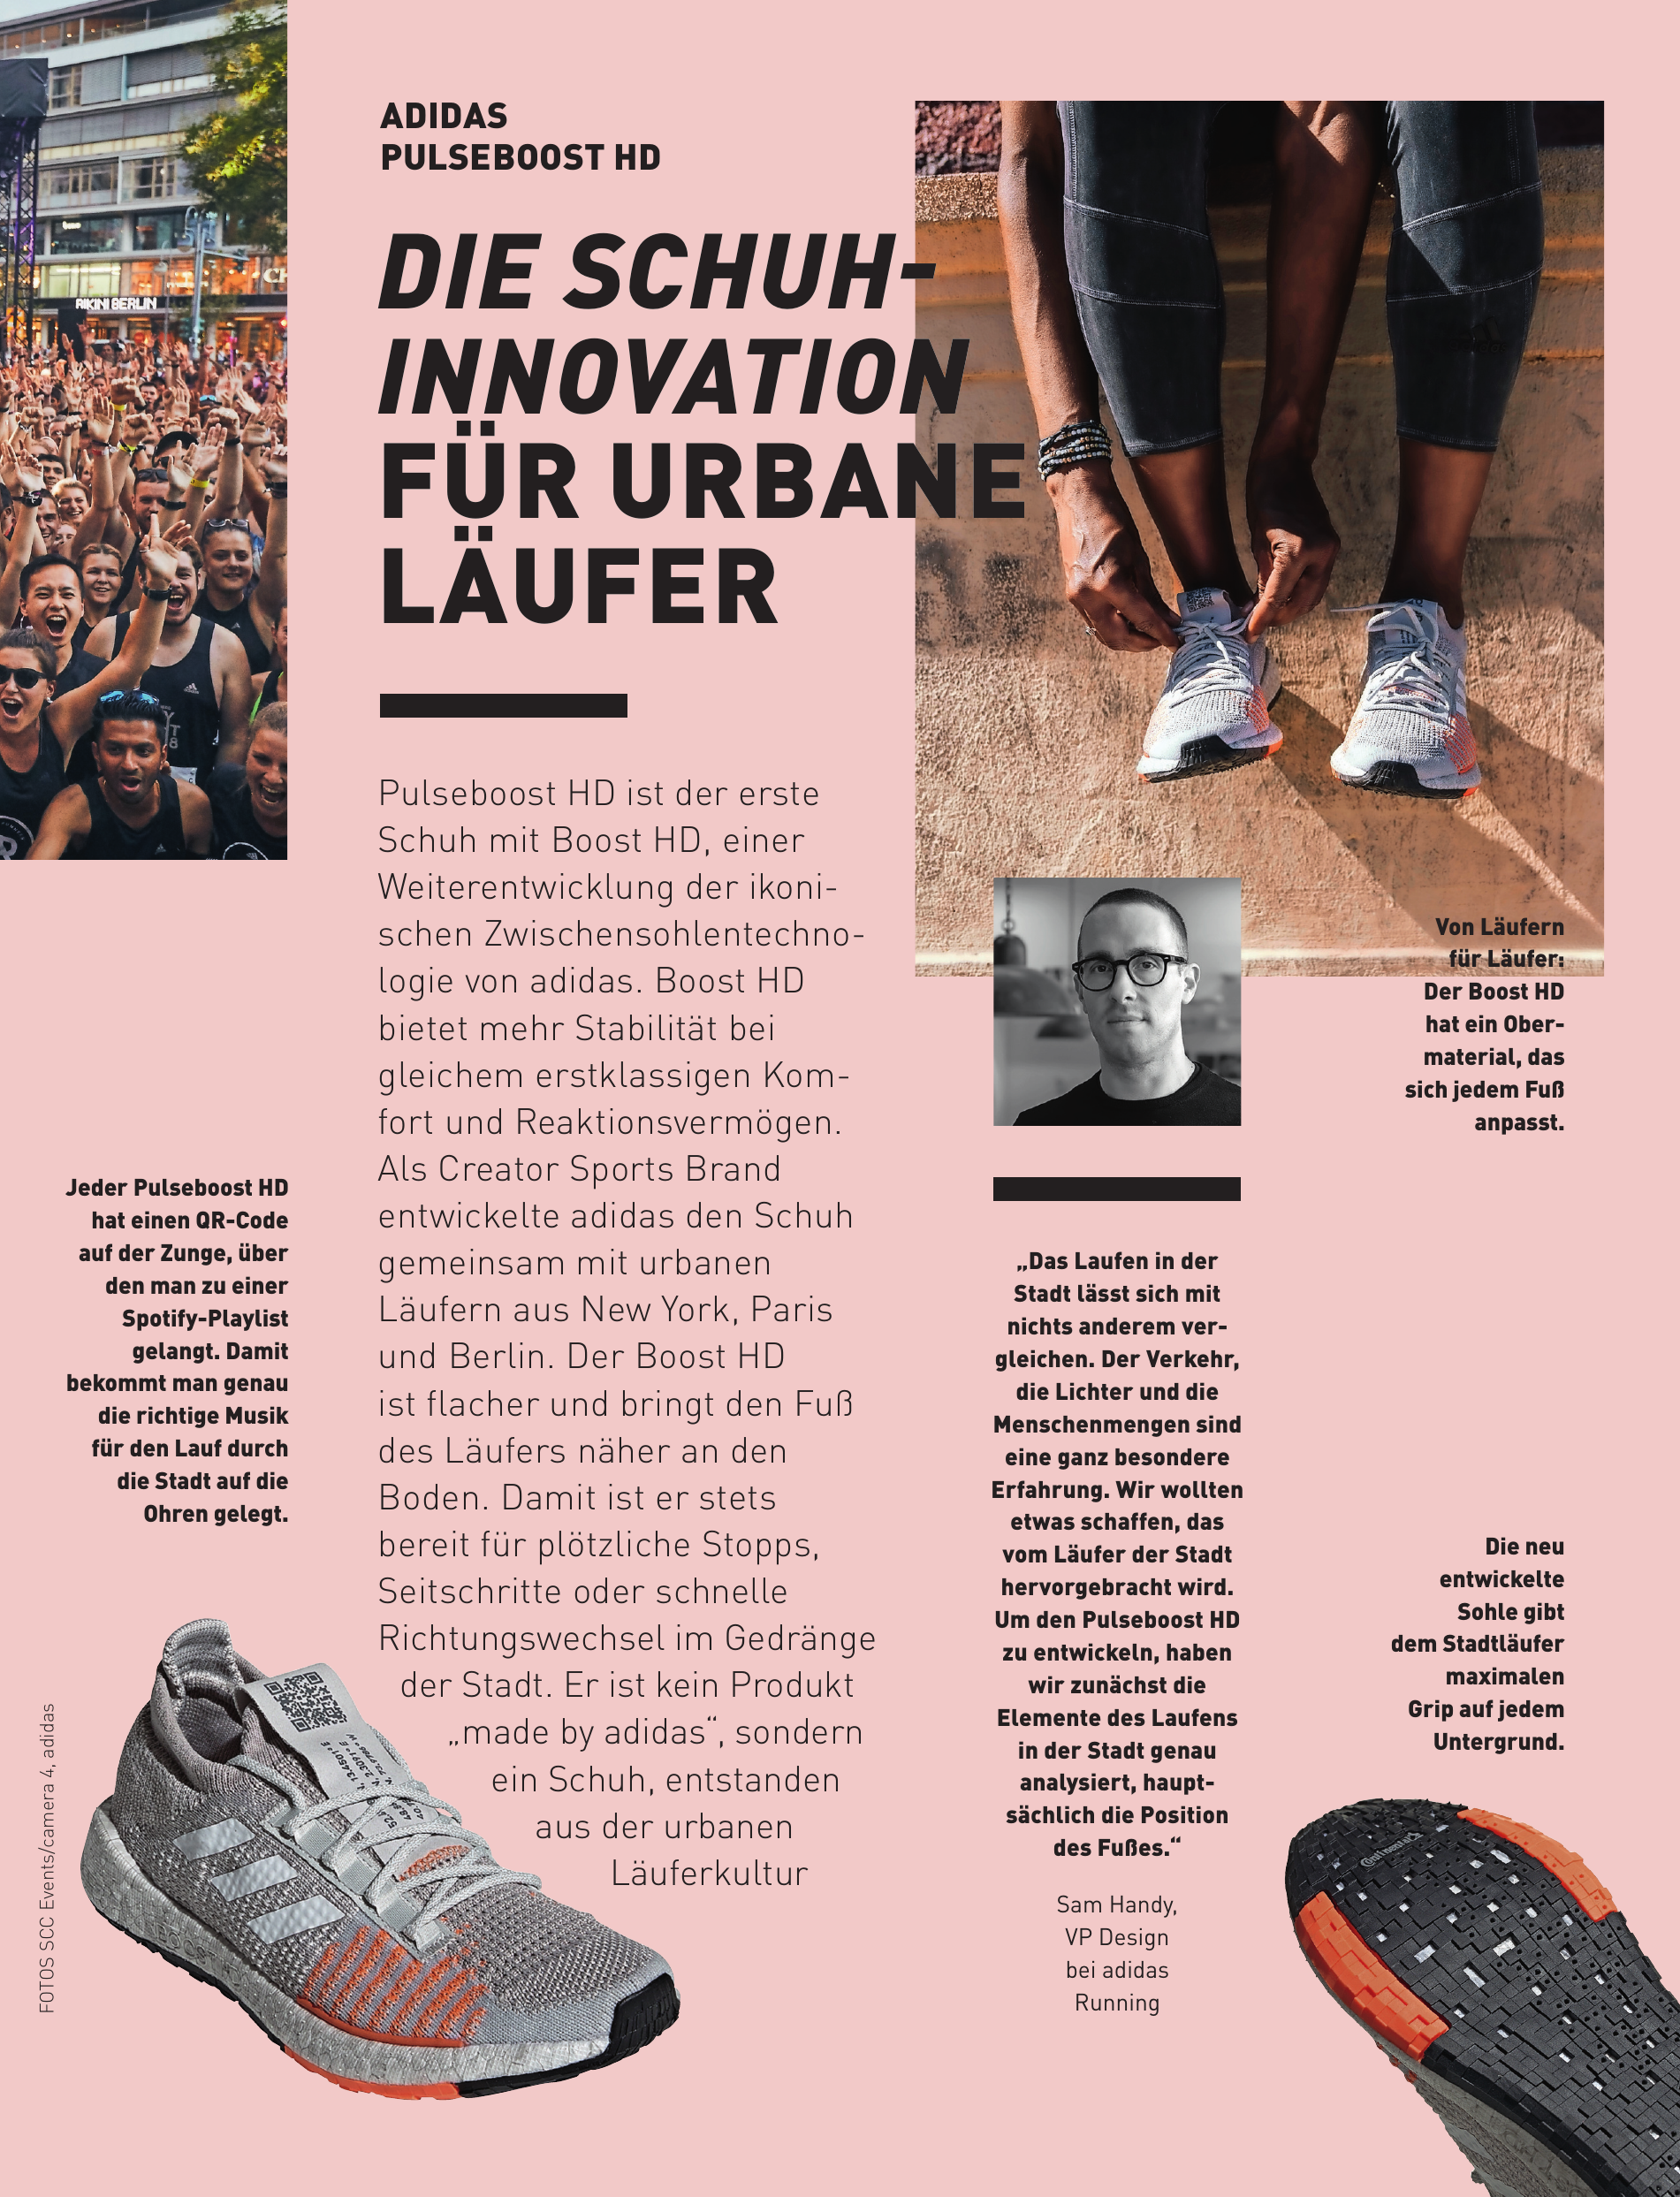 Hd Adidas Berliner Pulseboost Für Läufer f7yIb6gvY